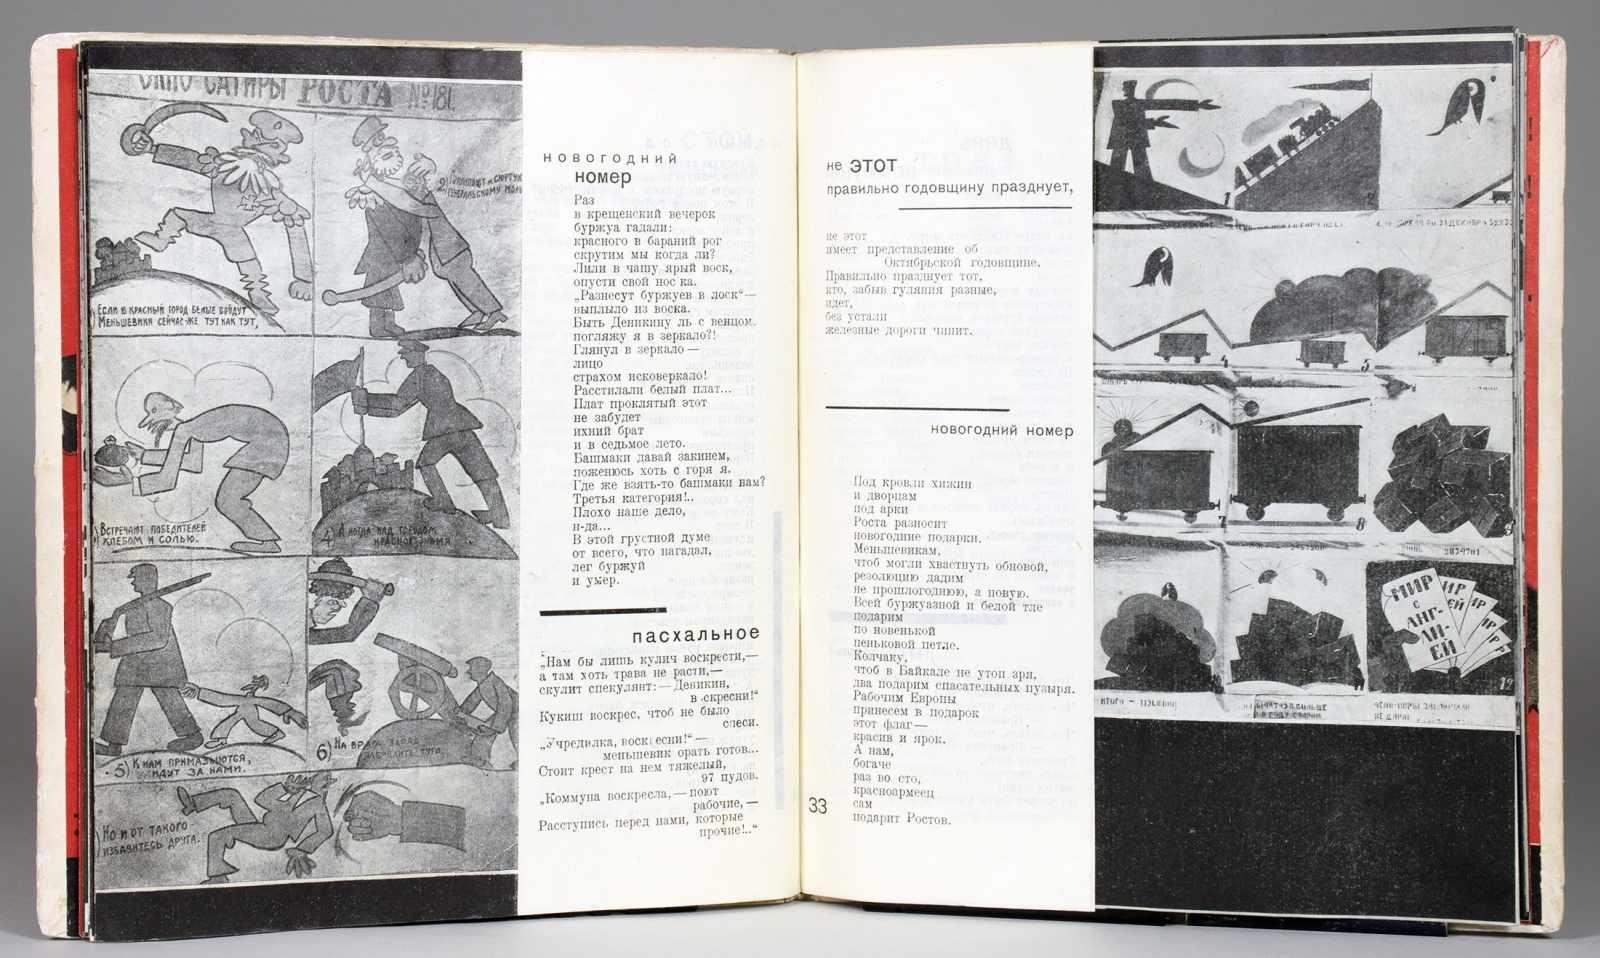 Vladimir Majakovskij. Groznyi smekh. (russisch: Das schreckliche Gelächter). Moskau/Leningrad, GIChL - Image 2 of 2